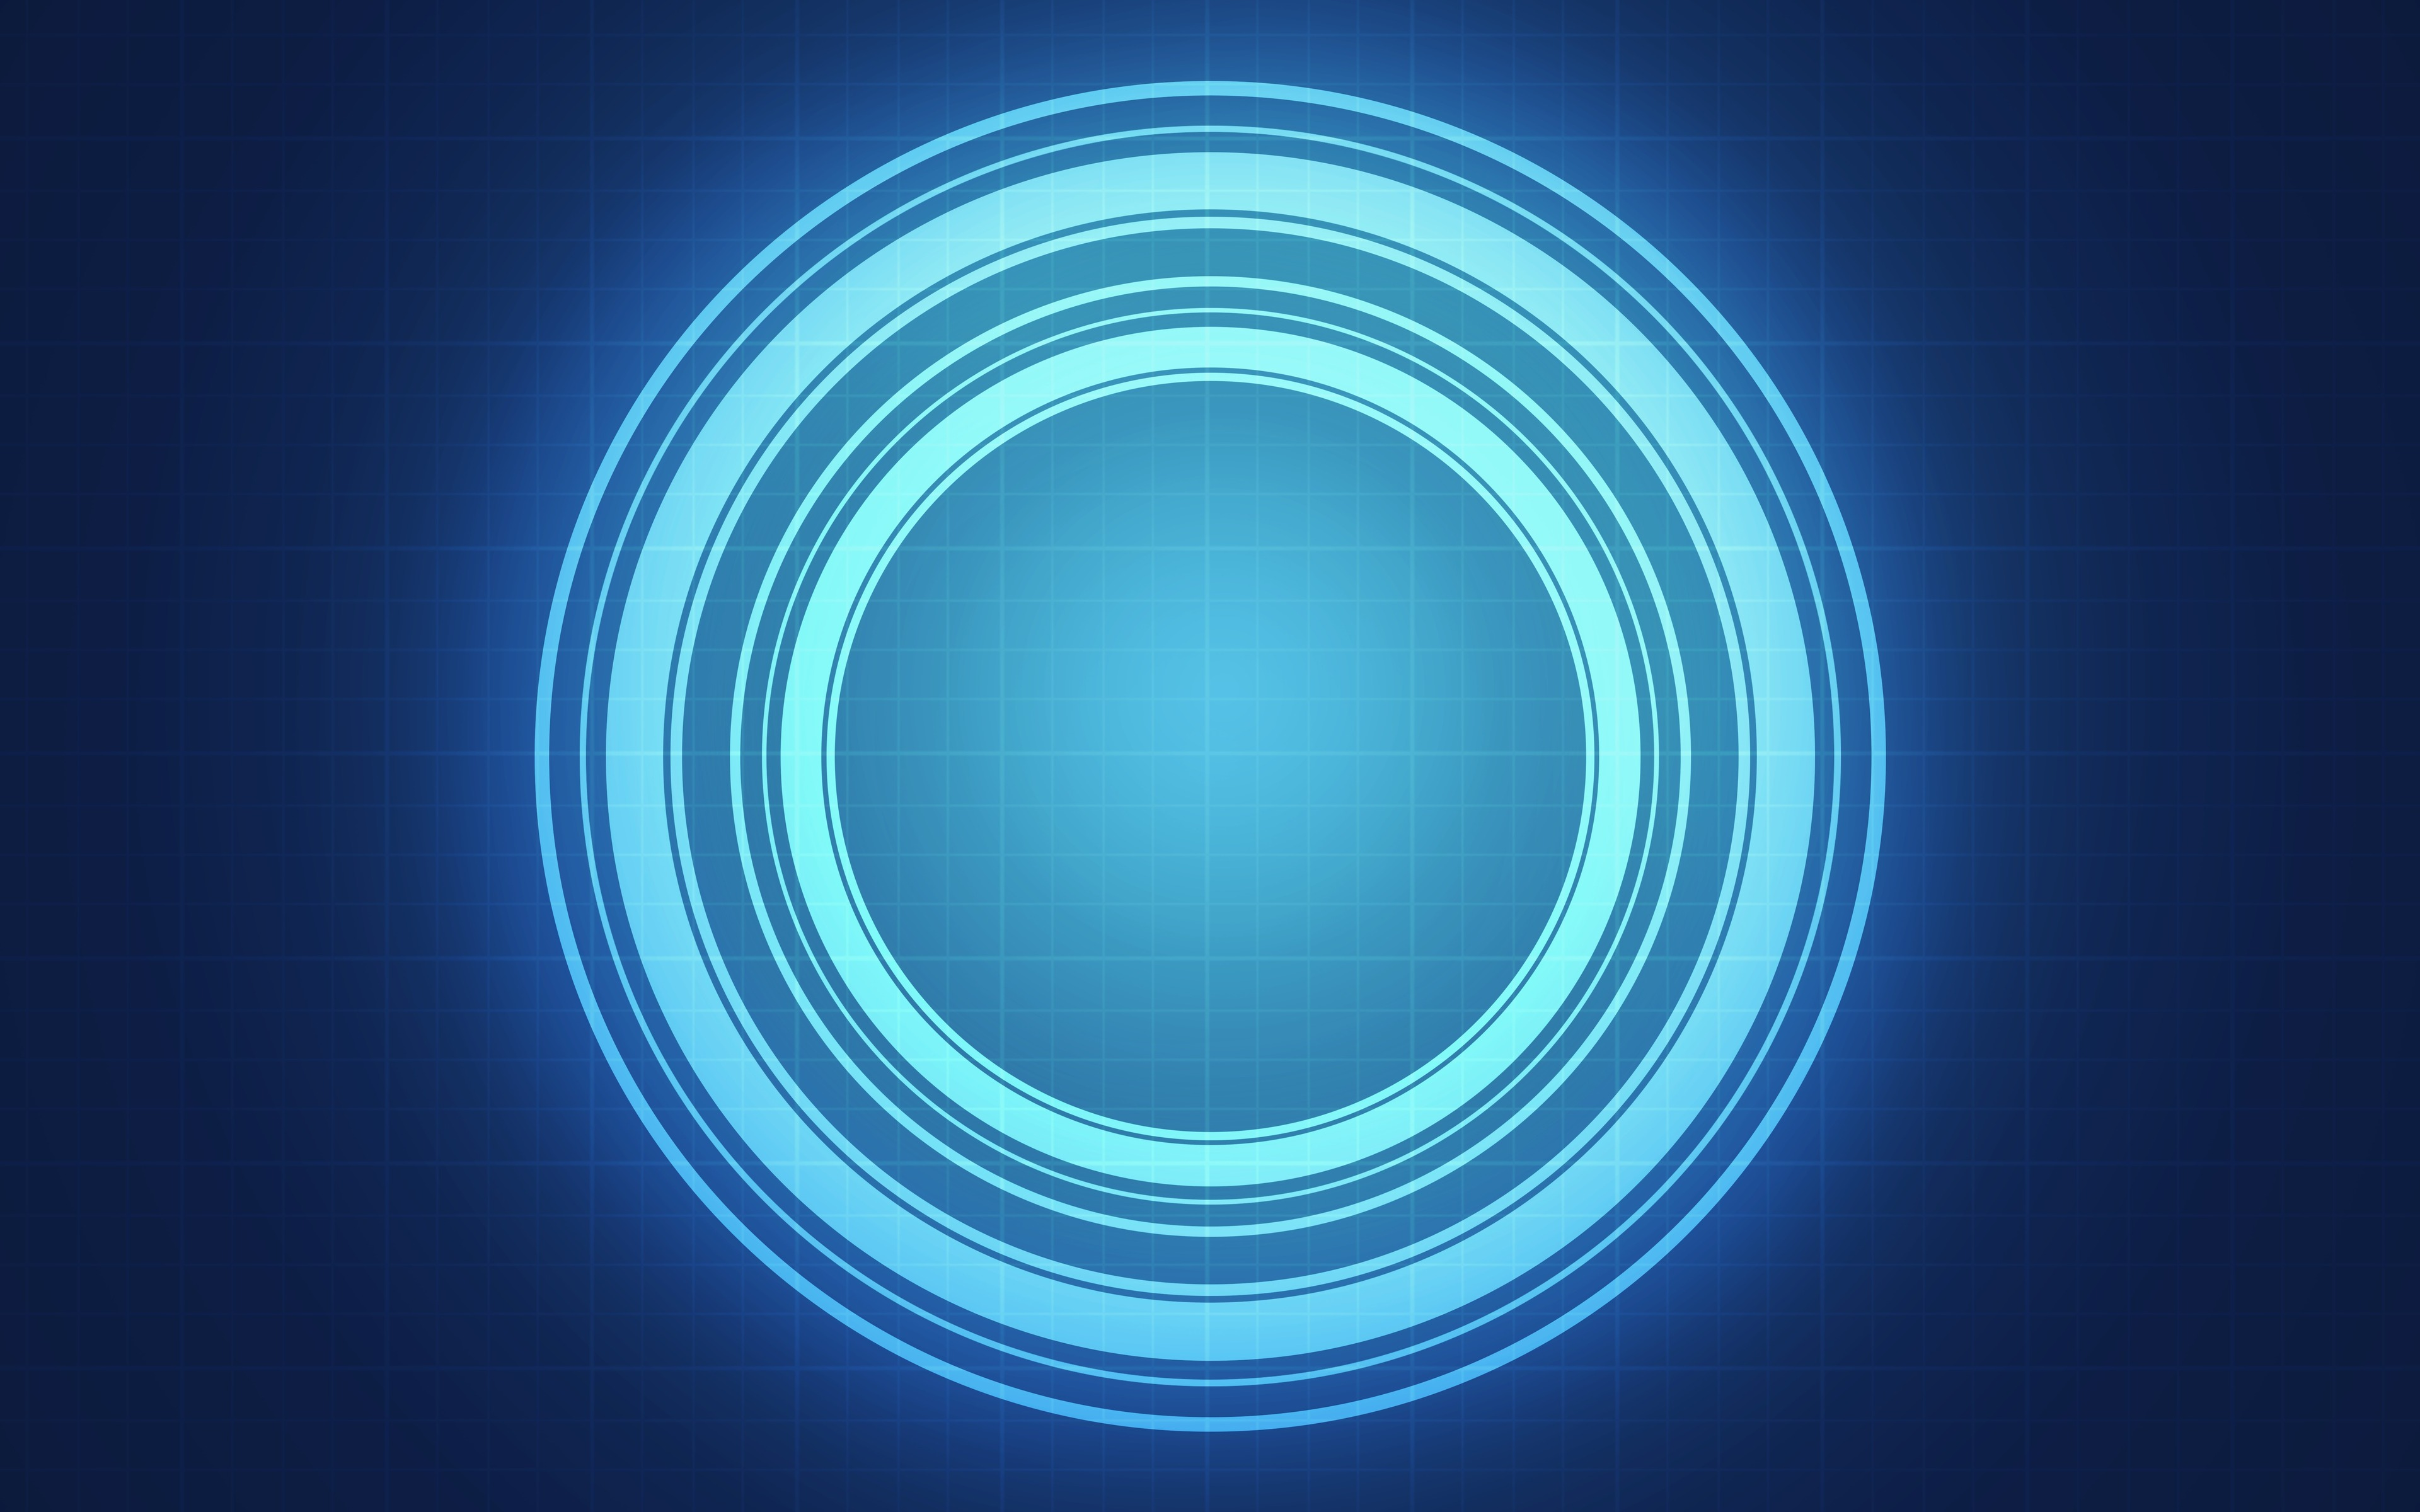 abstract-circle-pic.jpg